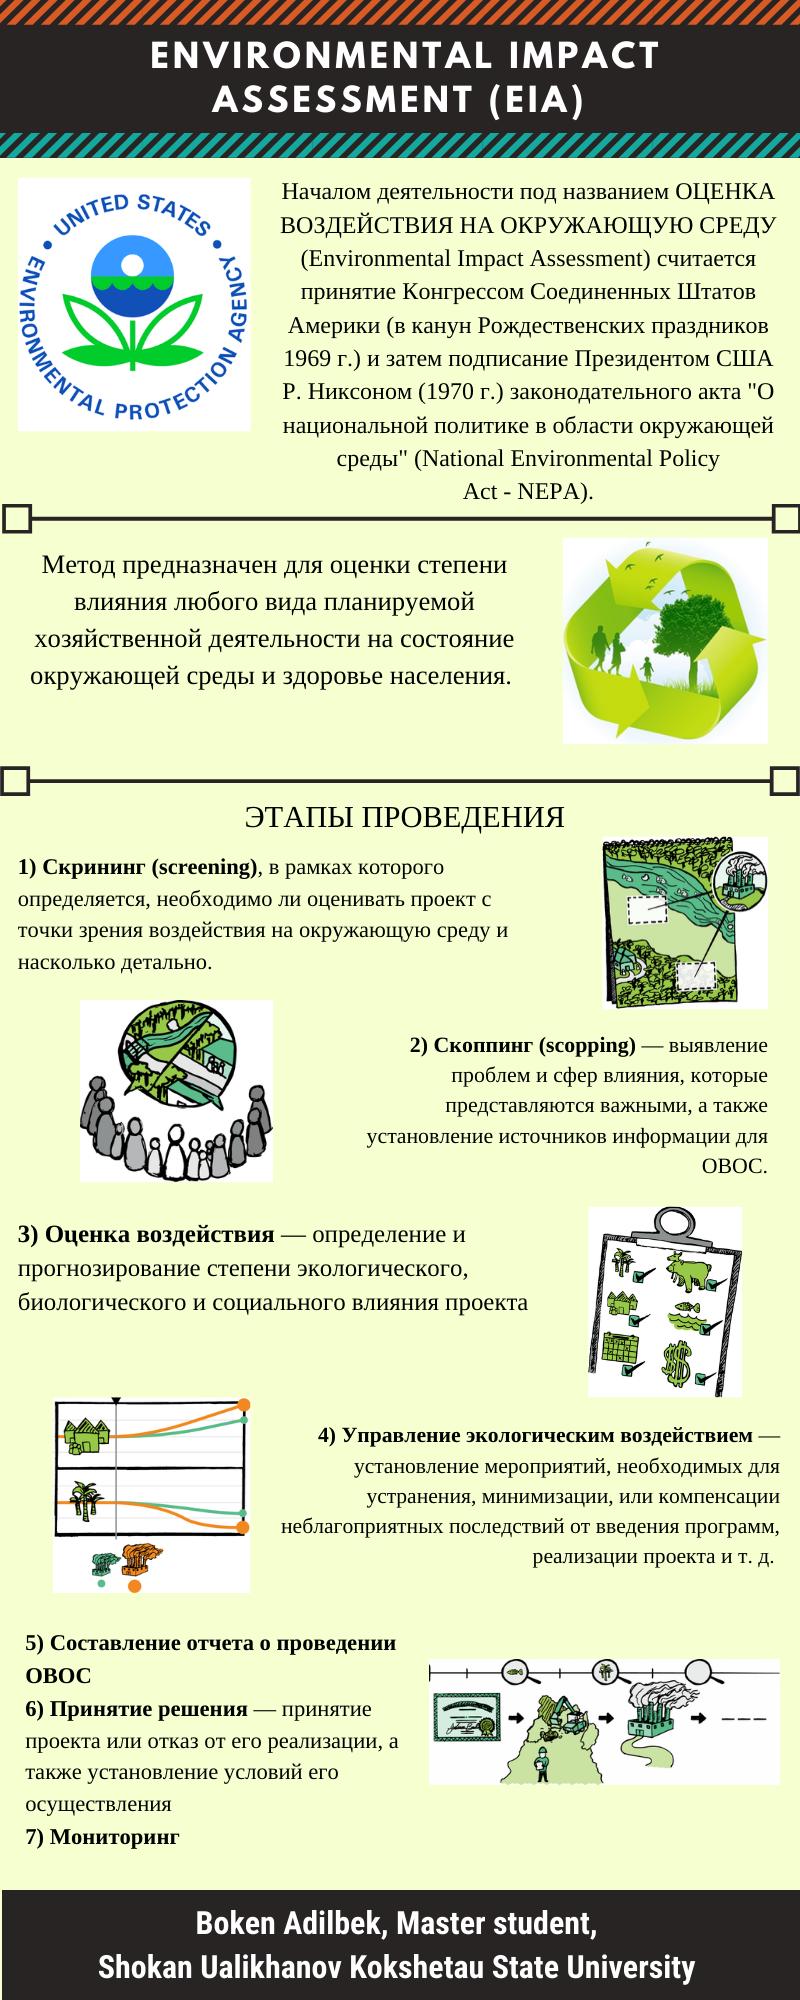 Kuva 2. Partnereiden posteri ympäristövaikutusten arvioinnista.